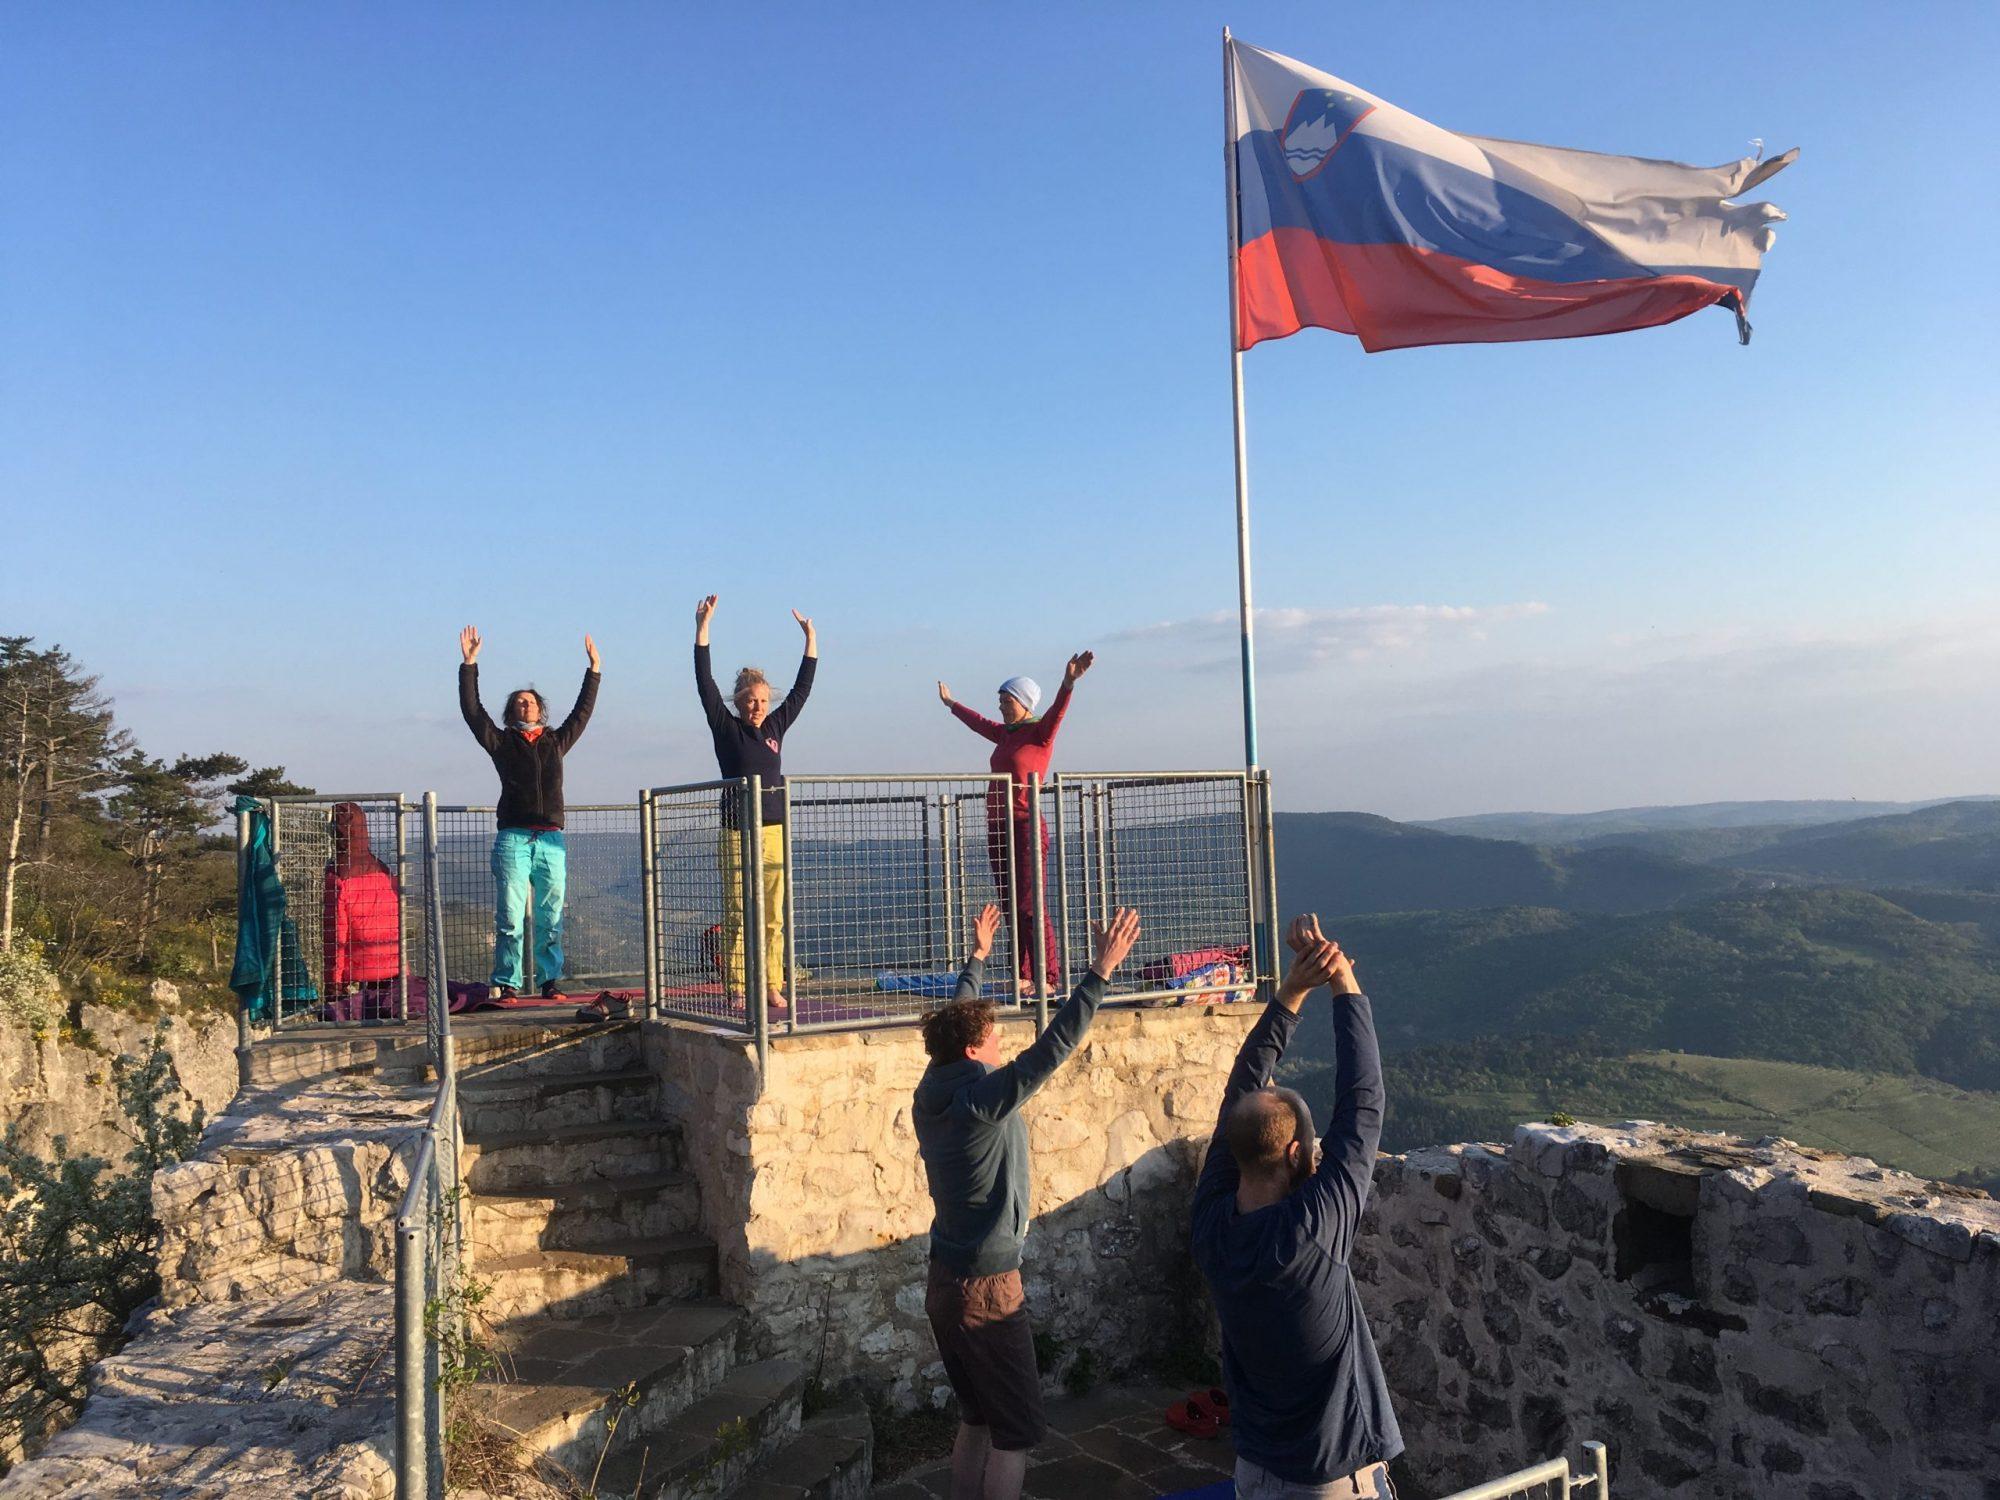 Kletter-Yoga-Reise